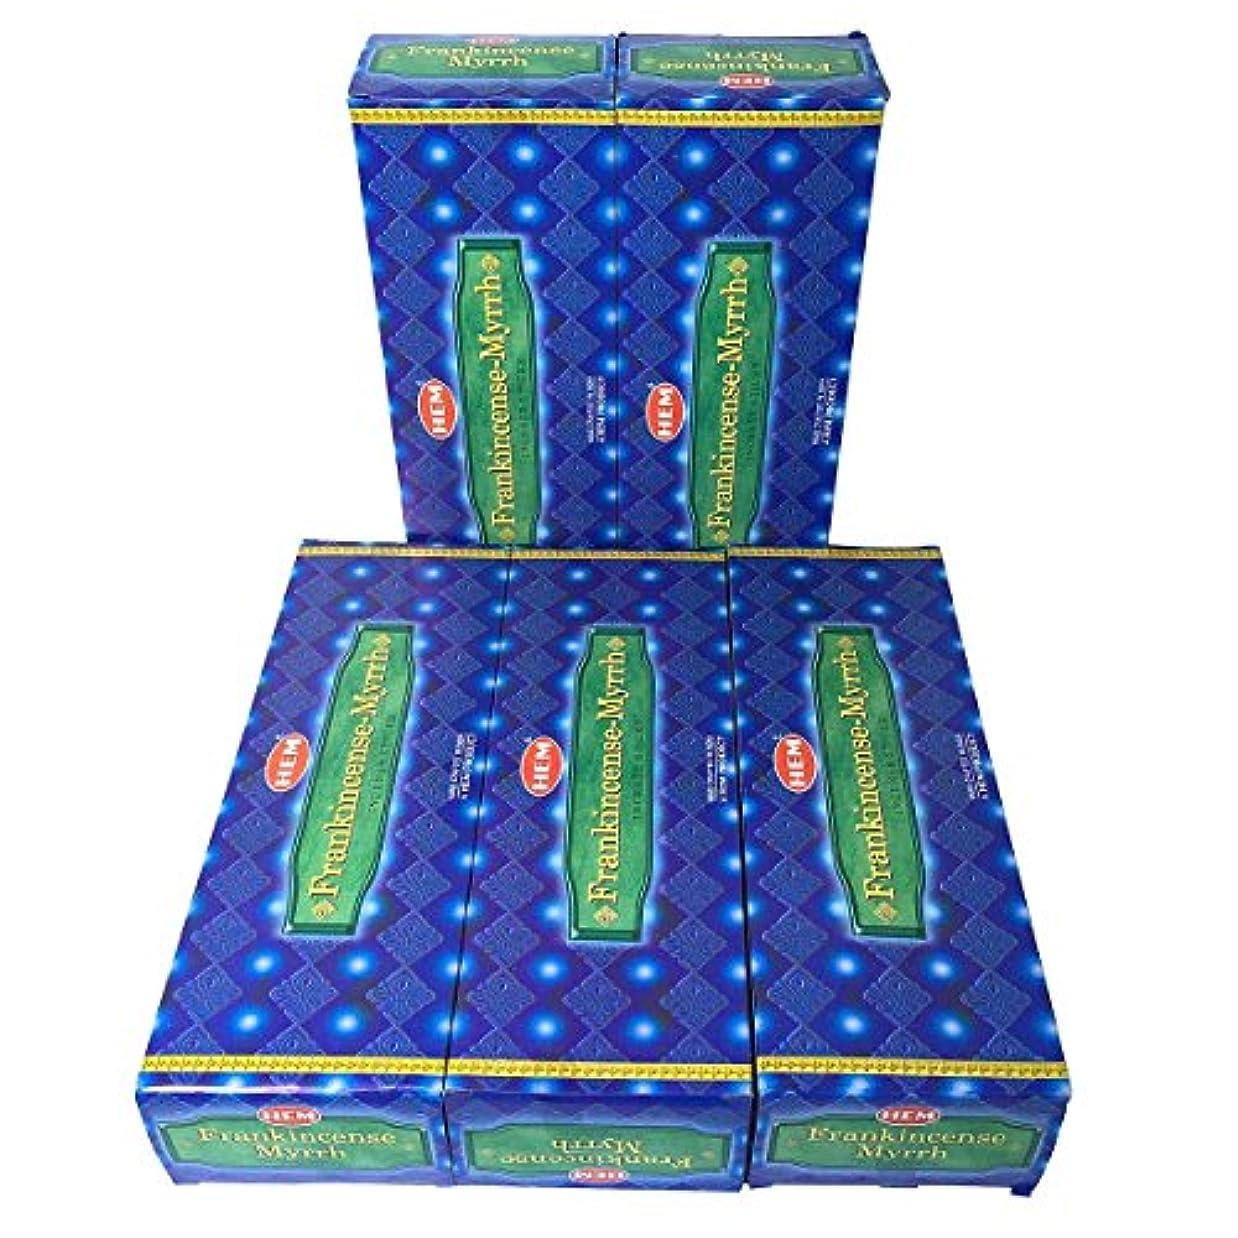 支配的雄弁感謝しているHEM フランキンセンス-ミルラ香 スティック 5BOX(30箱)/HEM FRANKINCENSE MYRRH/ インド香 / 送料無料 [並行輸入品]